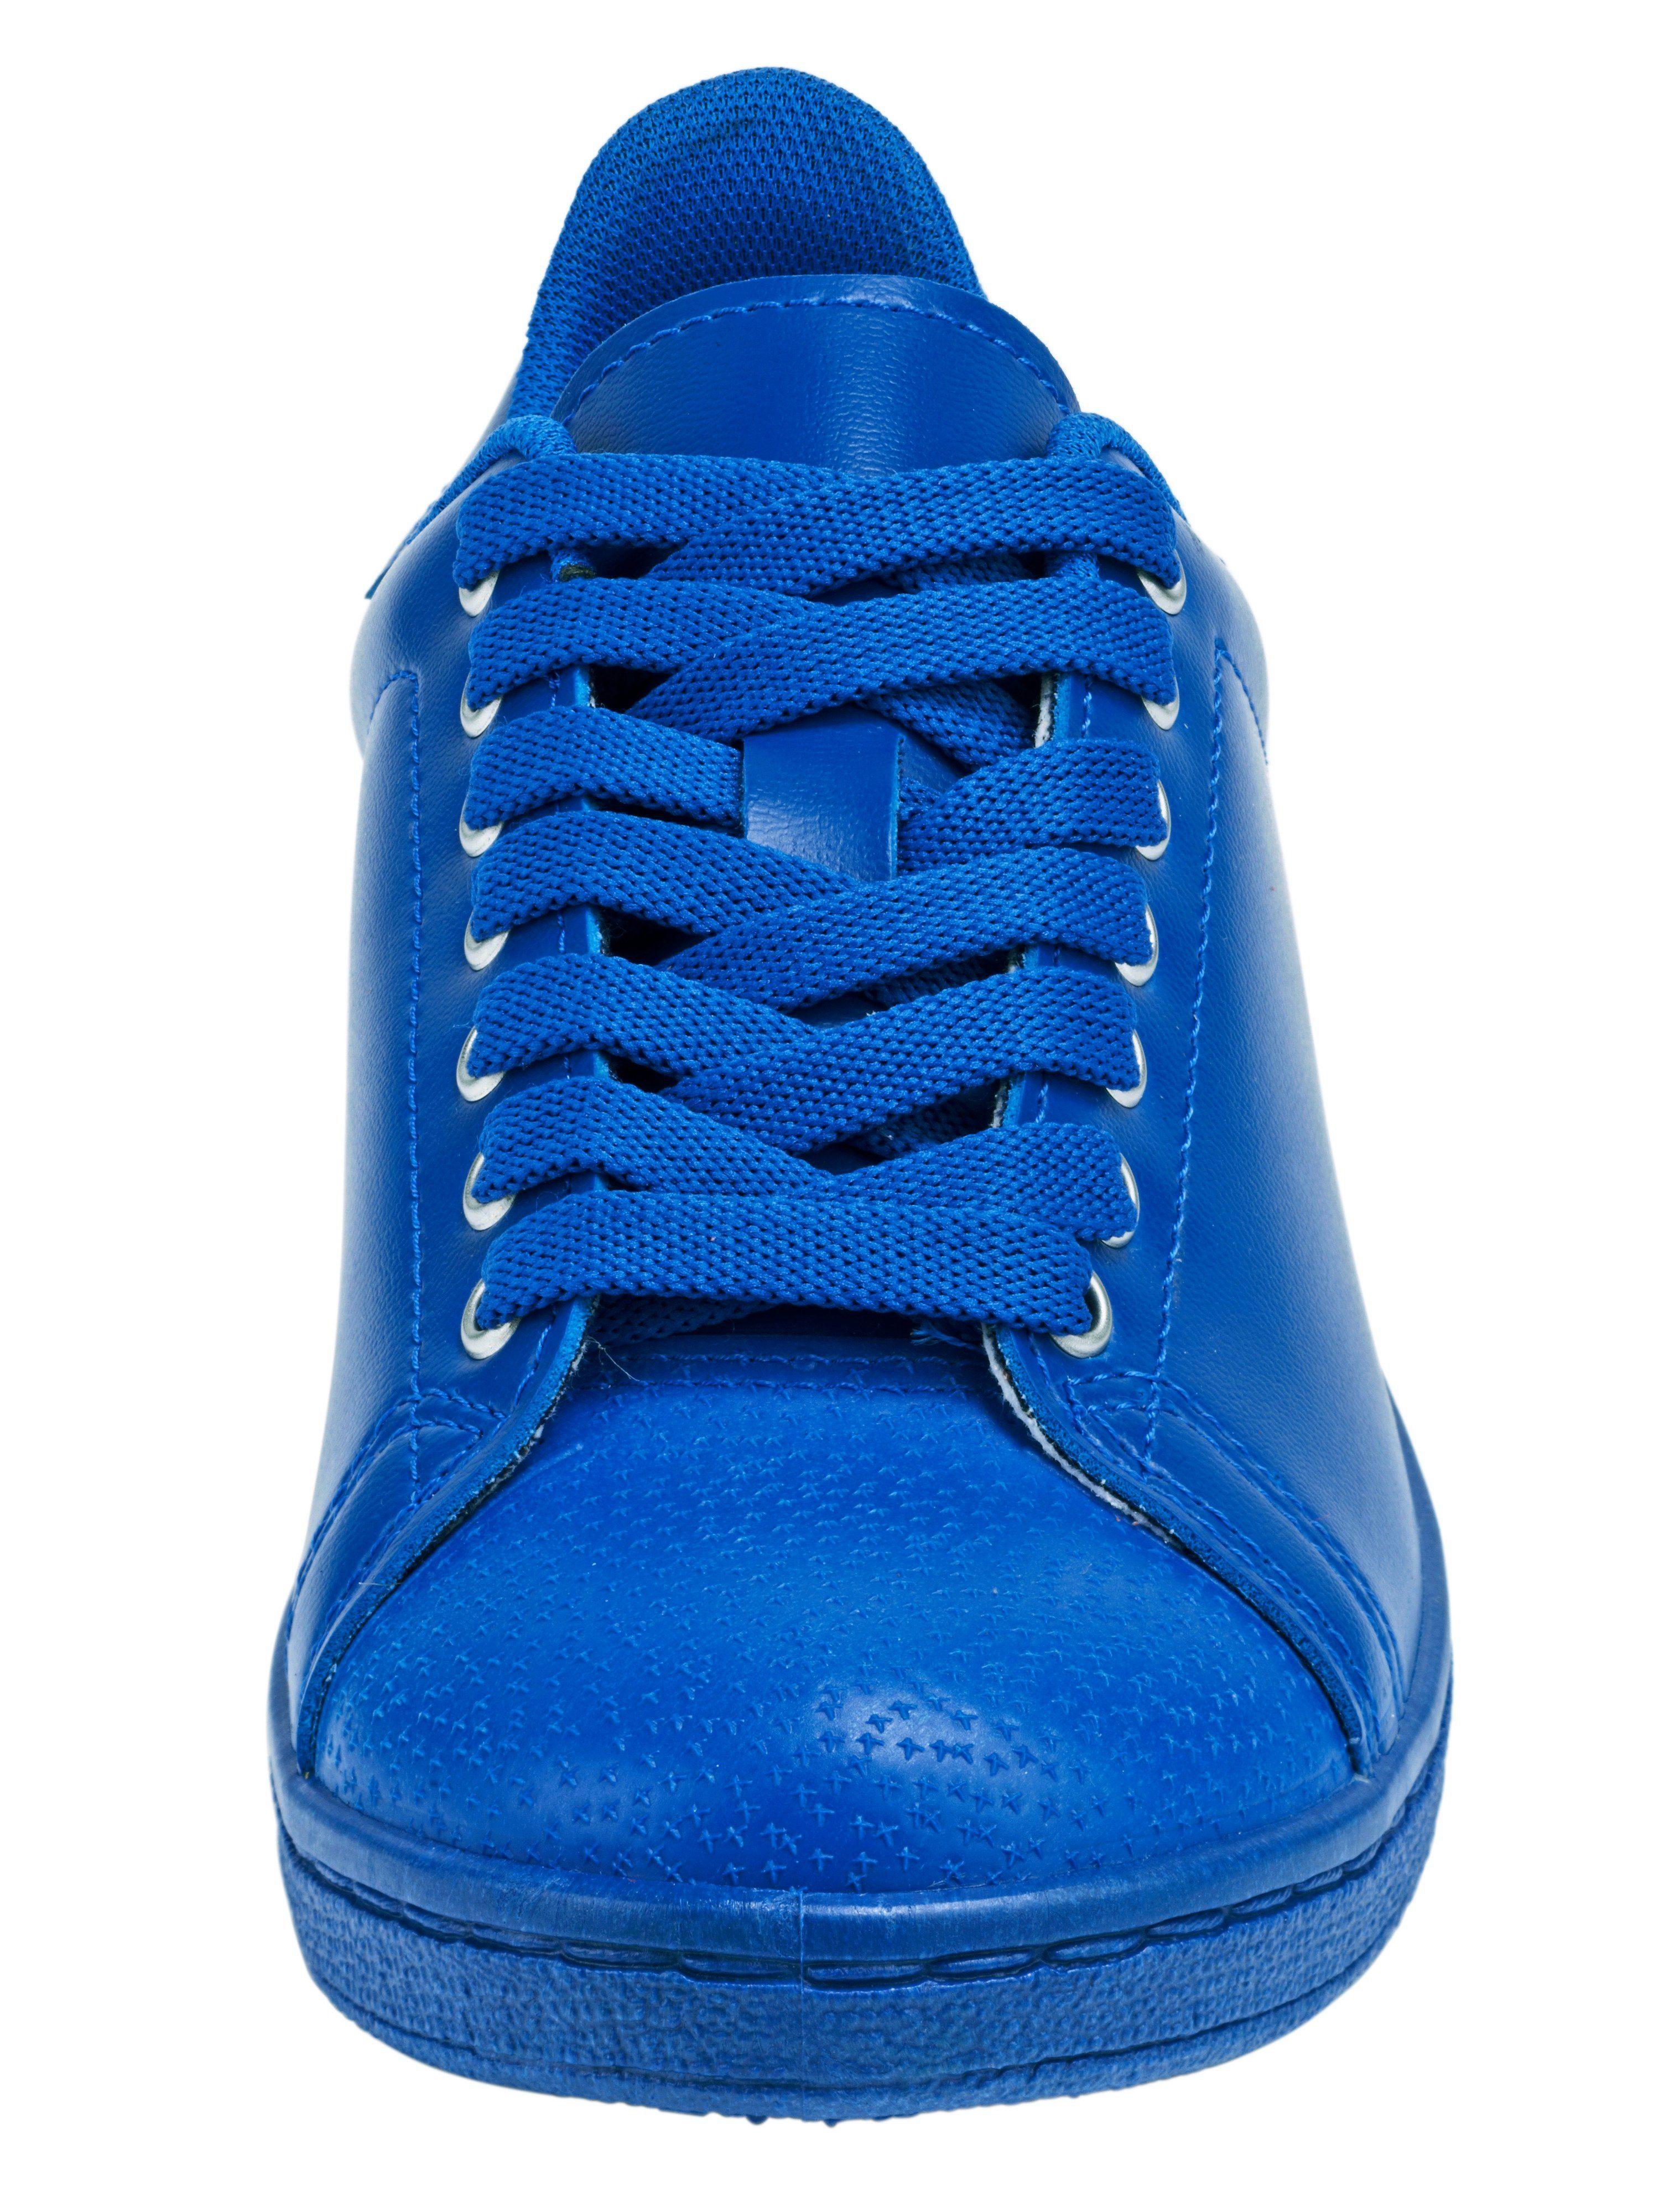 Heine Sneaker online kaufen  blau